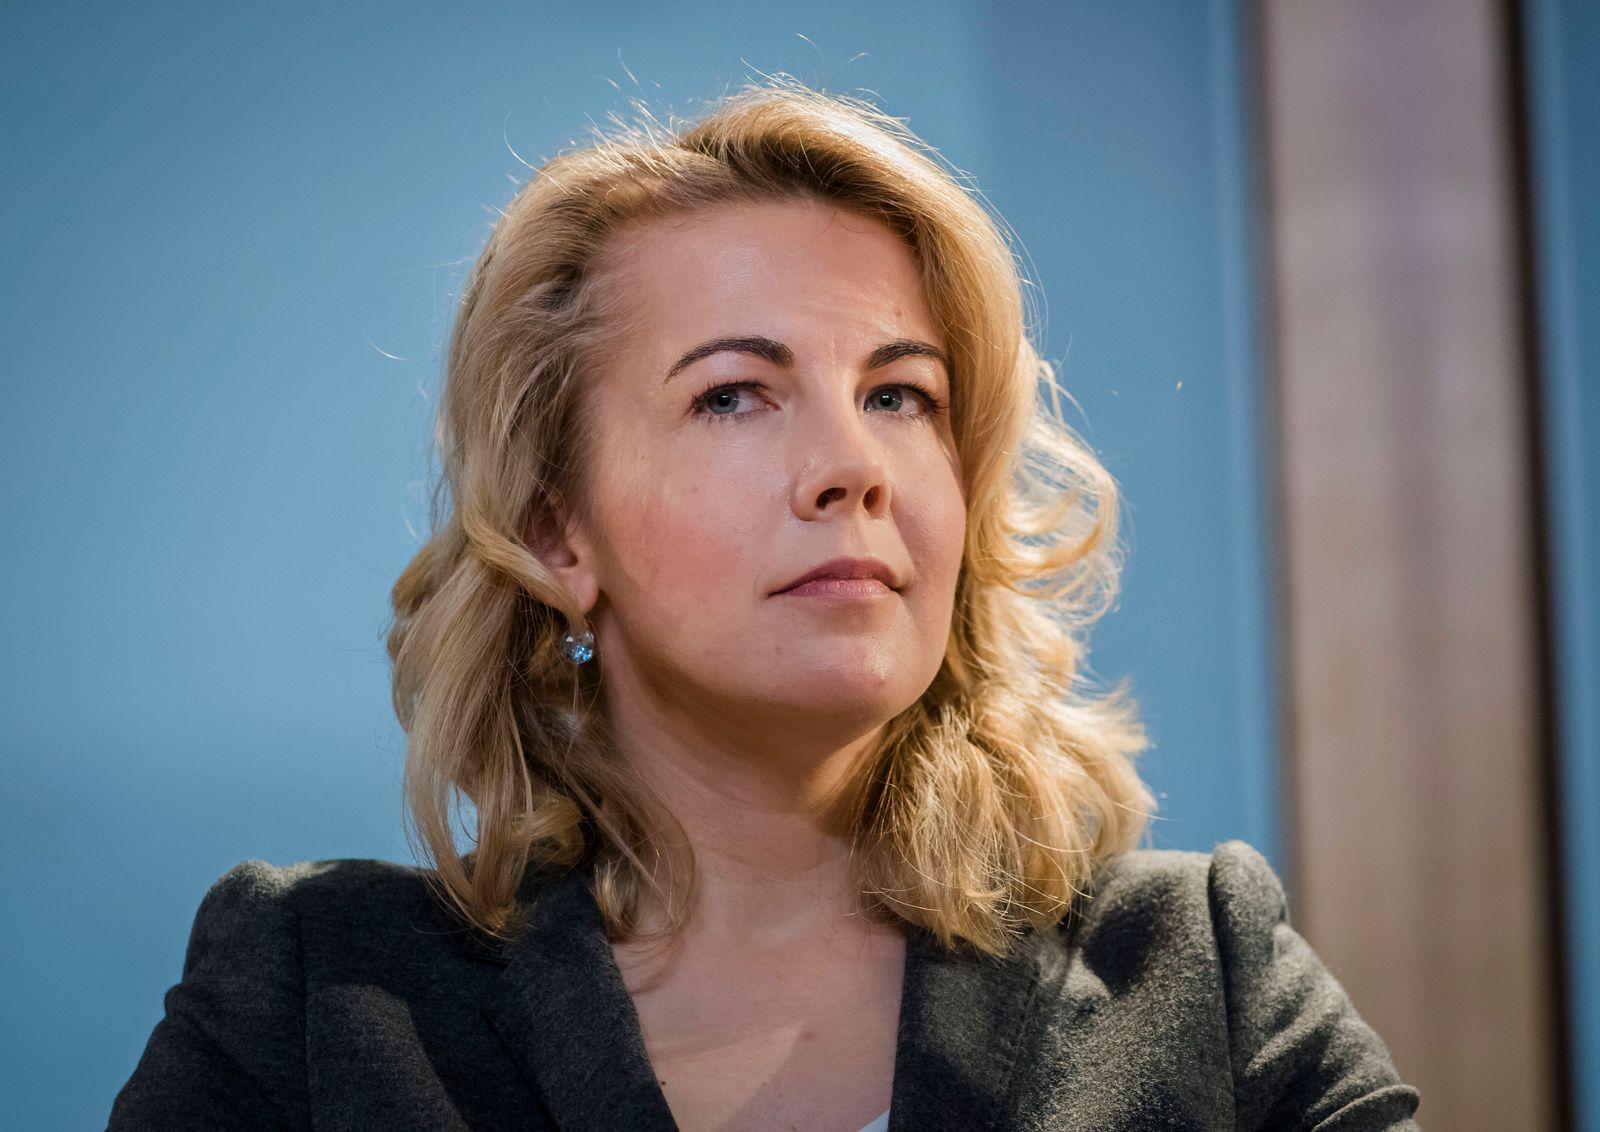 Linda Teuteberg - Deutscher Produzententag 2020 Europa, Deutschland, Berlin, 20.02.2020: Auf dem Fachkongress der Film-